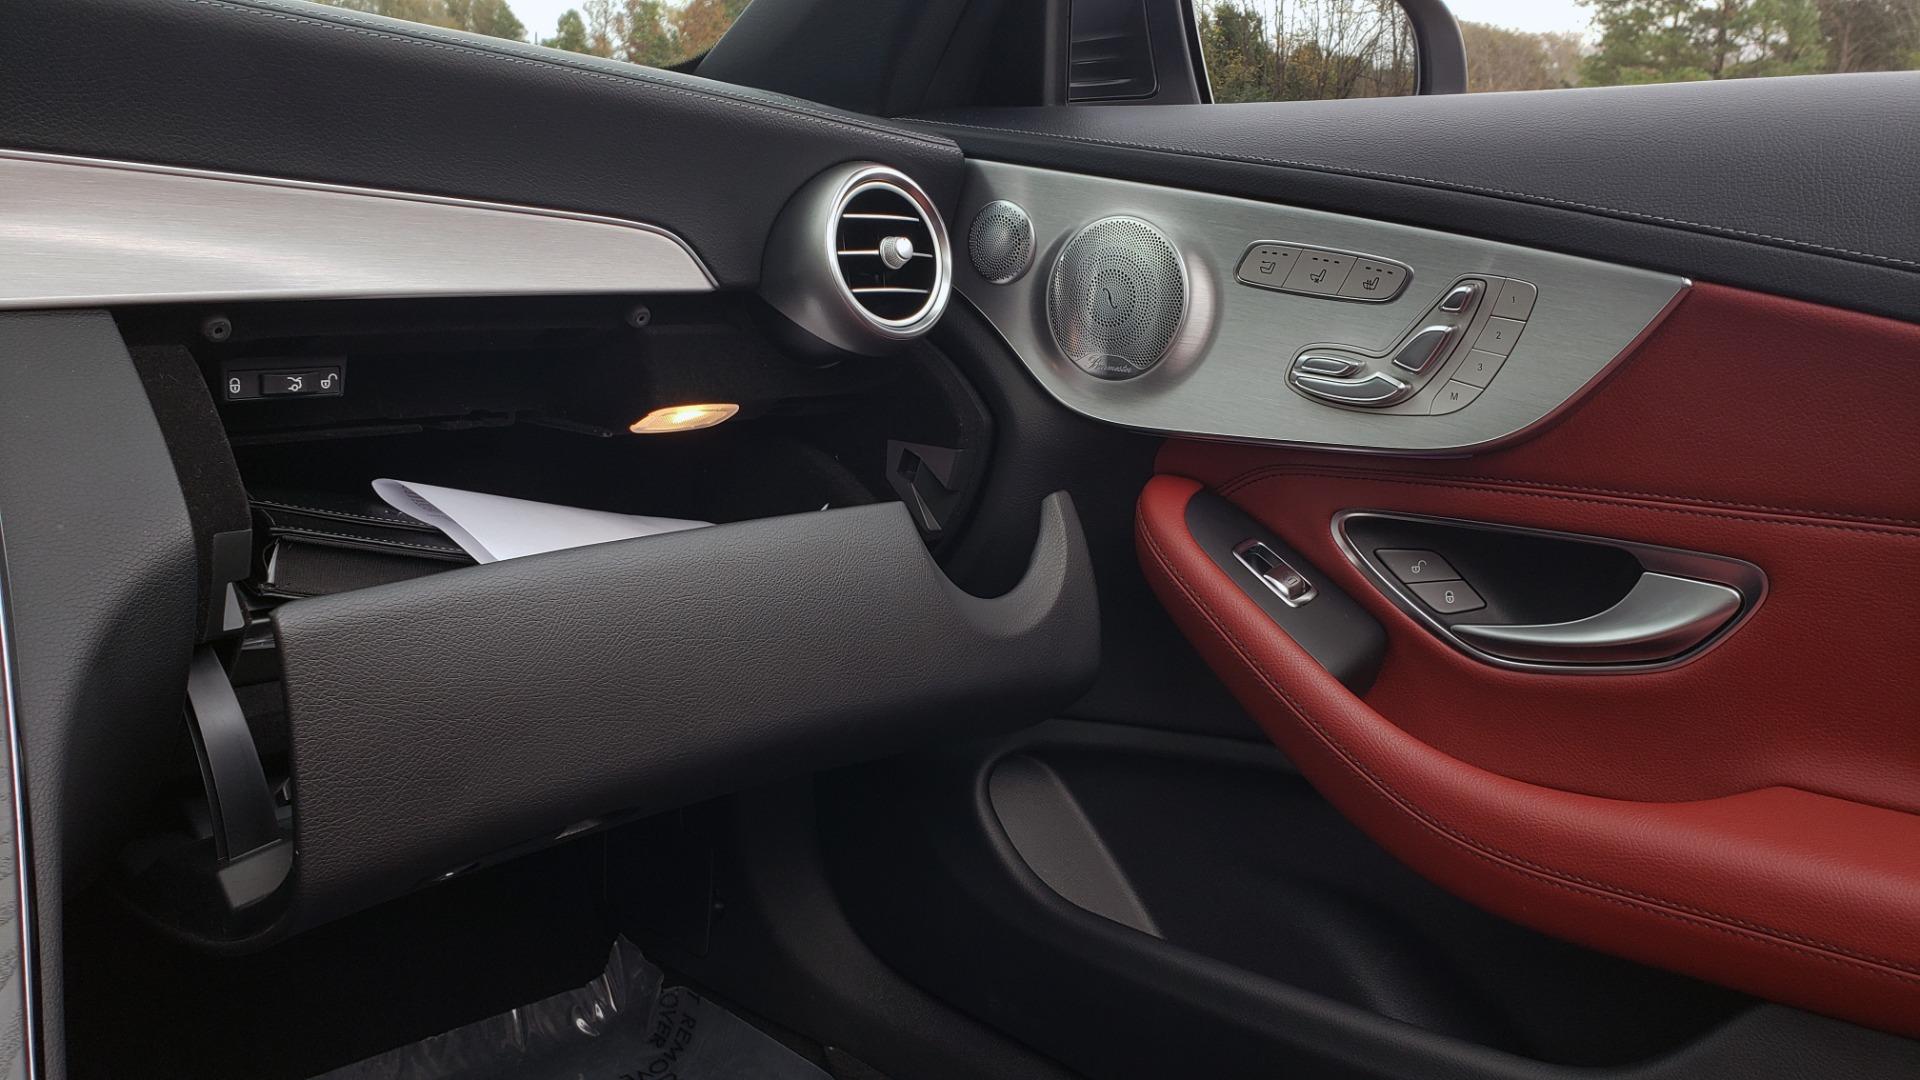 Used 2019 Mercedes-Benz C-CLASS C 300 CABRIOLET / PREM PKG / NAV / BURMESTER / MULTIMEDIA for sale Sold at Formula Imports in Charlotte NC 28227 53